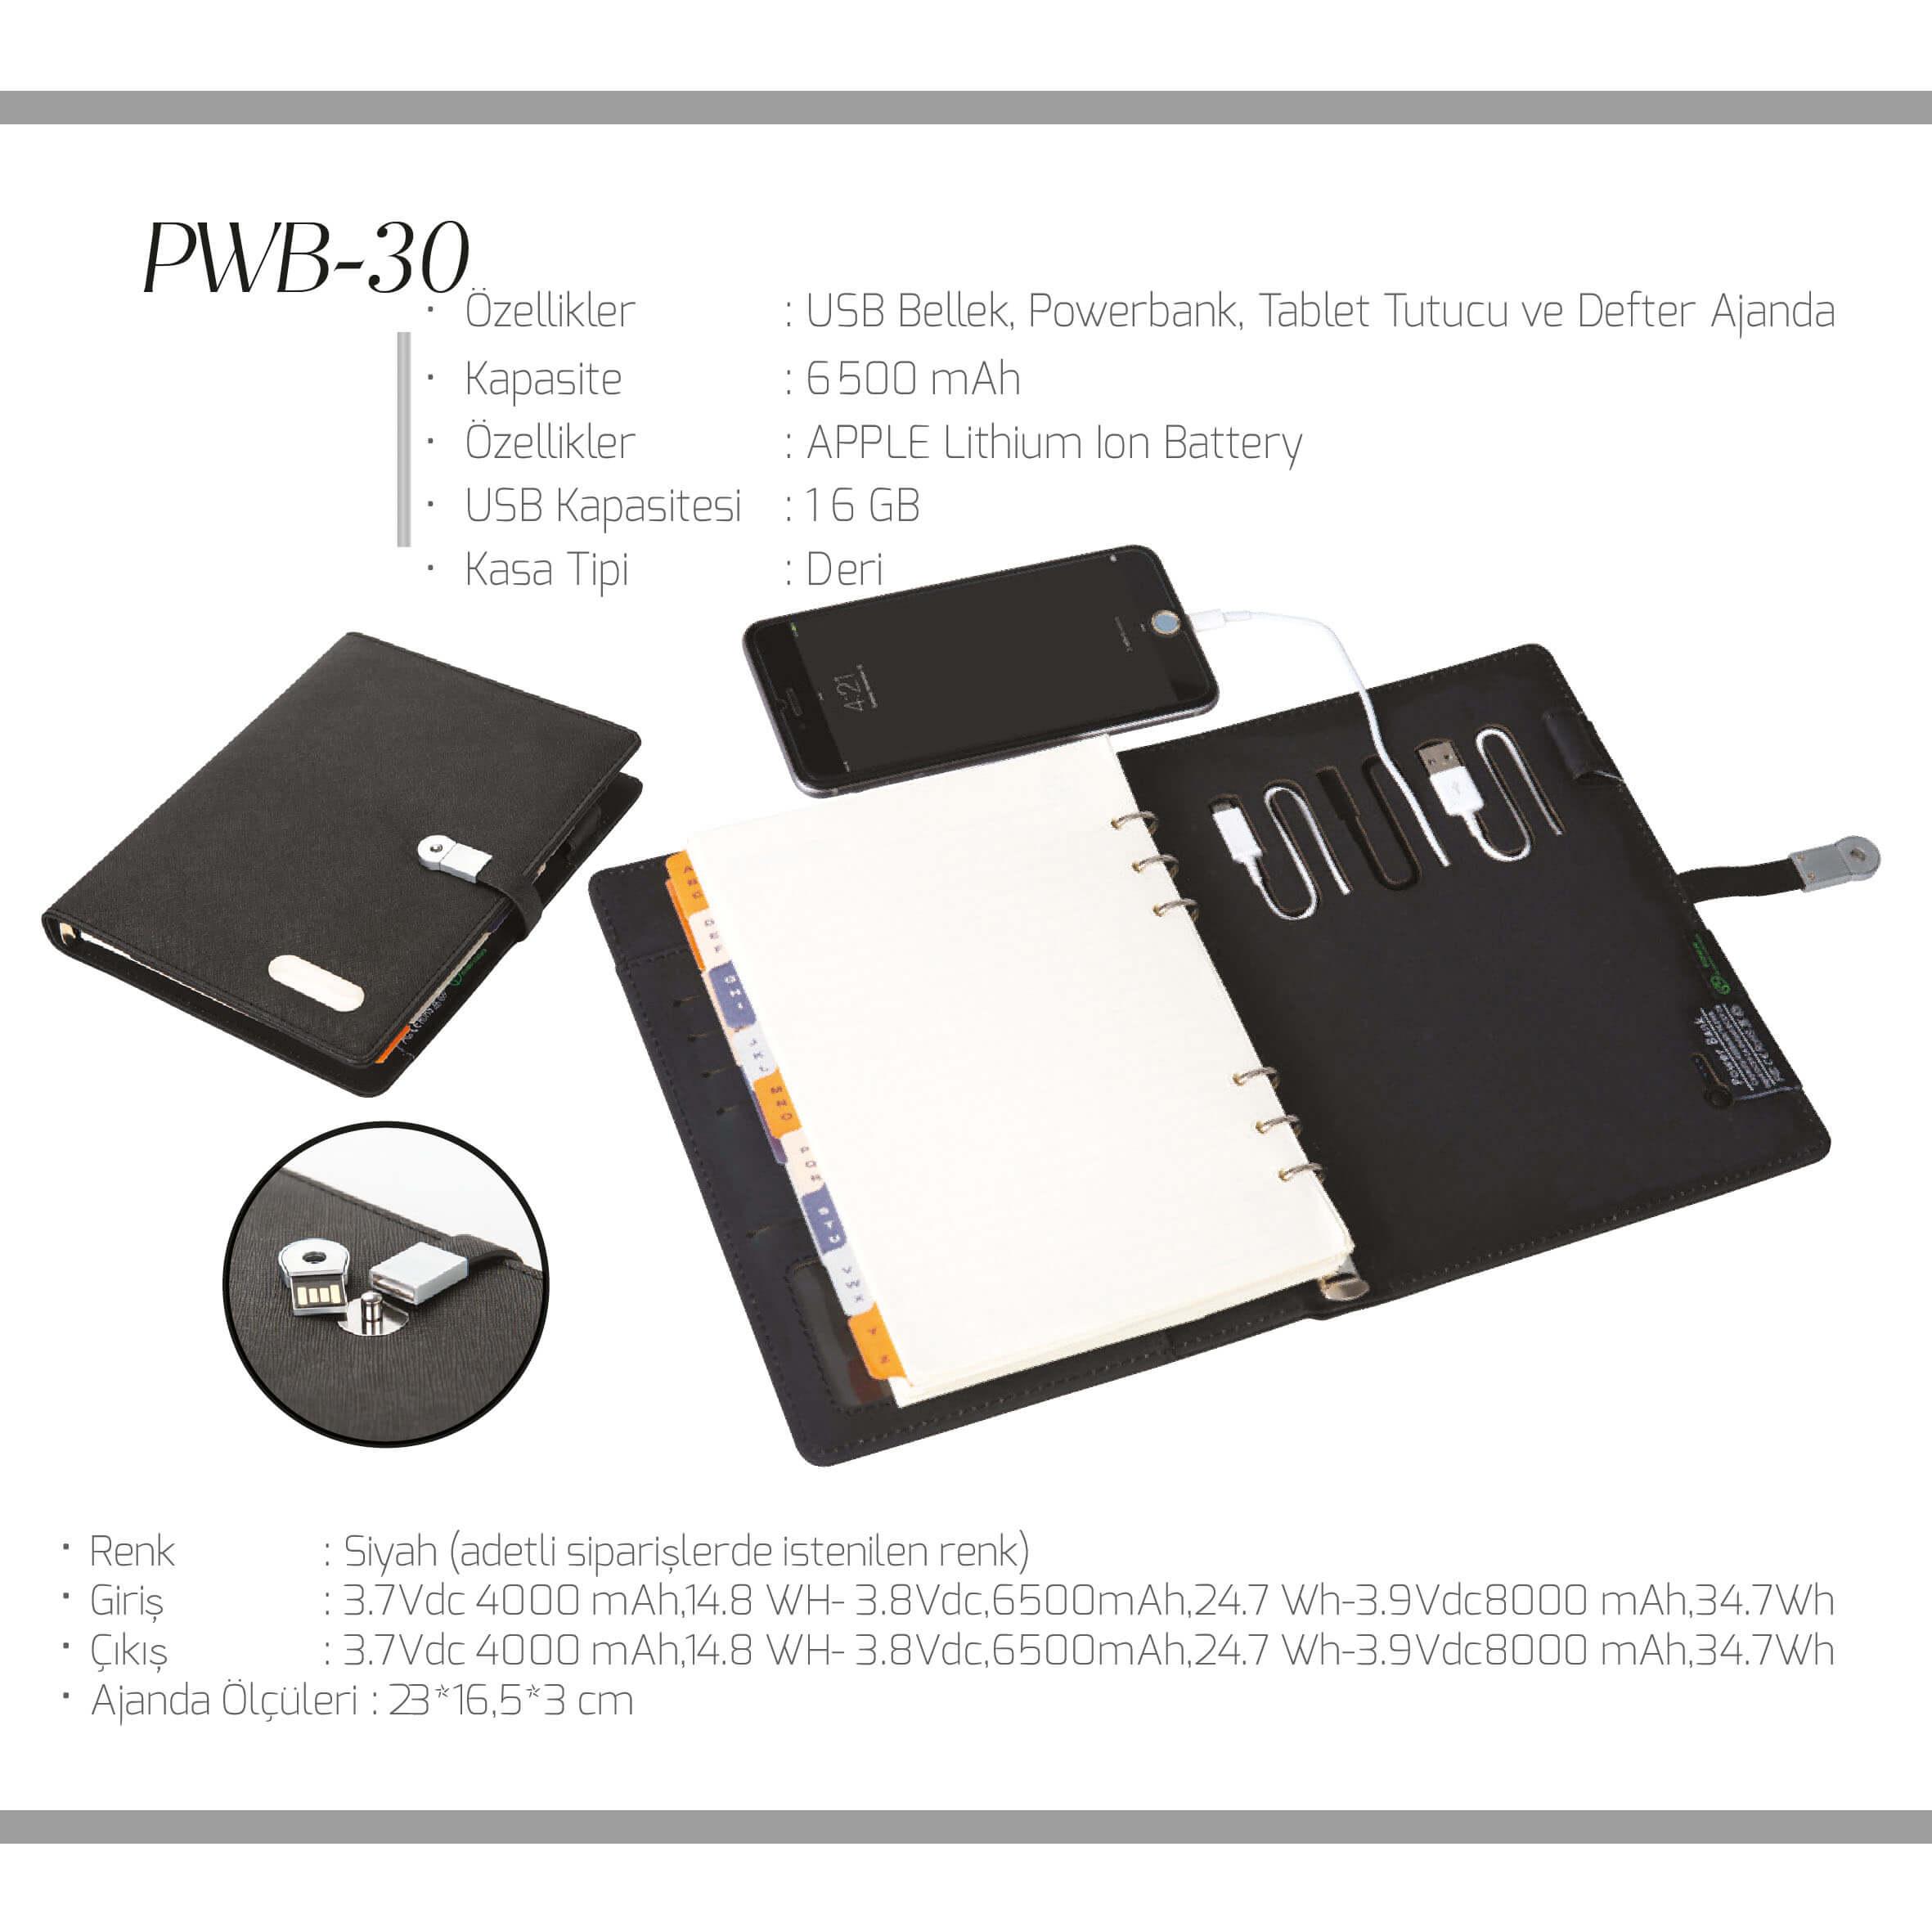 promosyon-promosyon ürünleri-powerbank-promosyon pwb-30